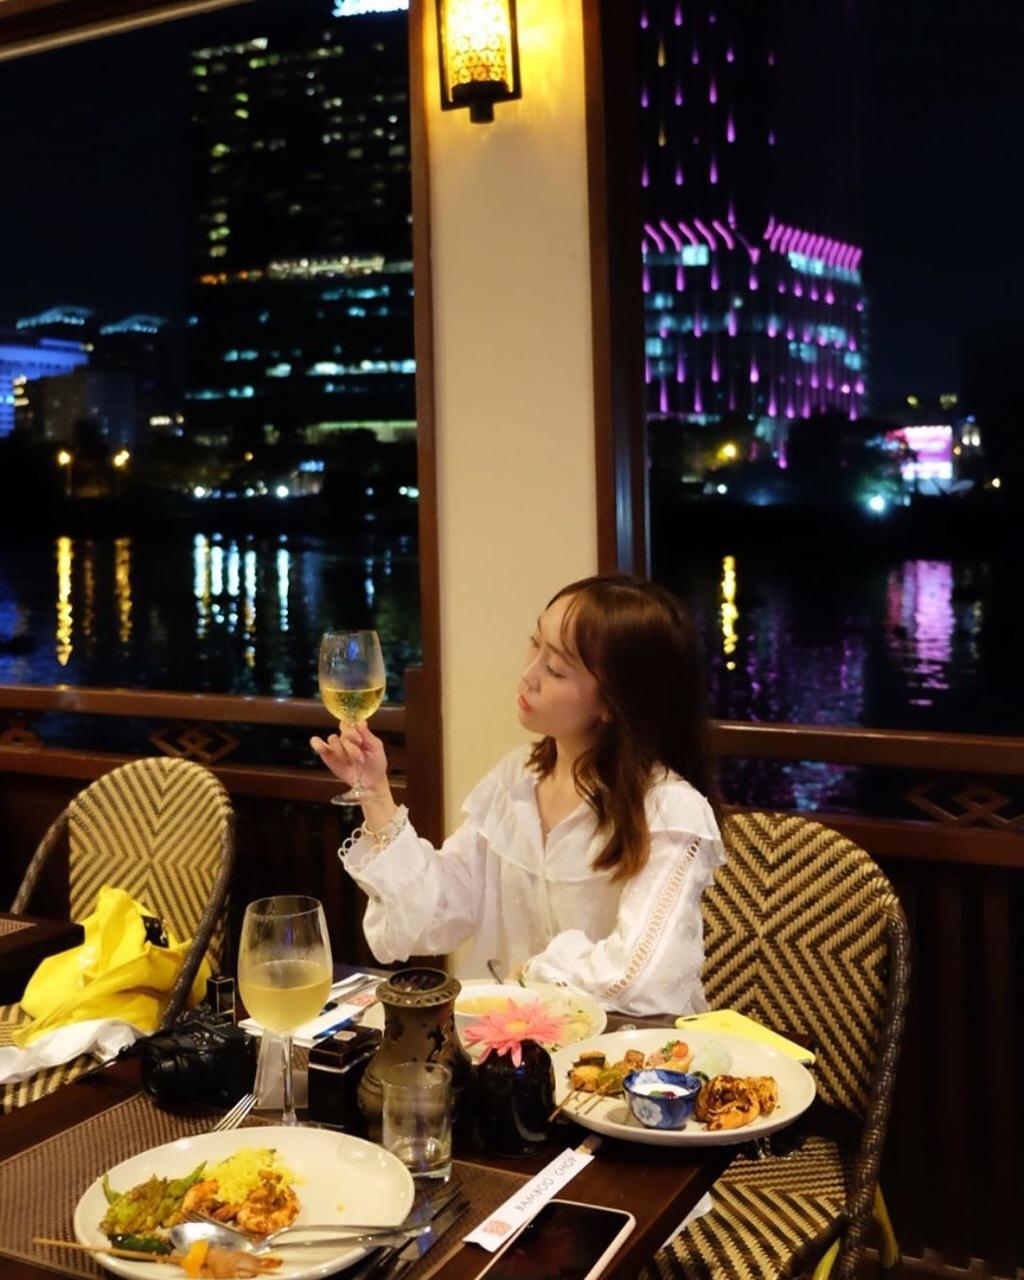 5 nha hang co view bo song lang man danh cho cac cap doi o TP.HCM hinh anh 13 4_phuong_dan_nguyen.jpg